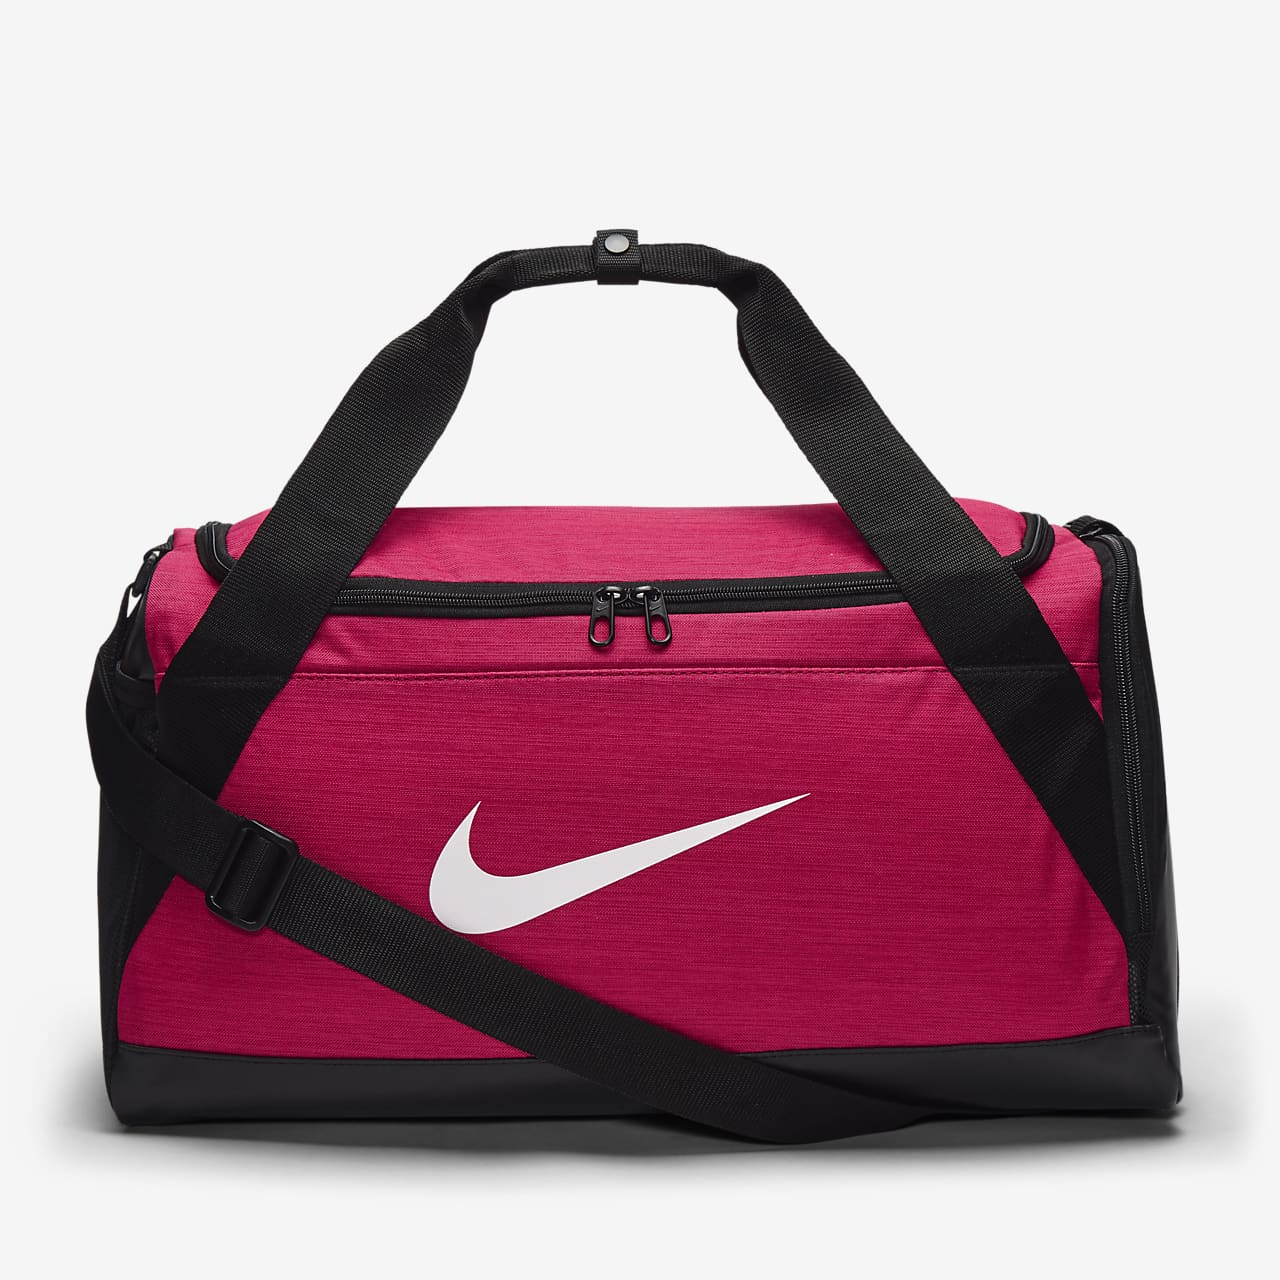 sac de sport nike brasilia petite taille